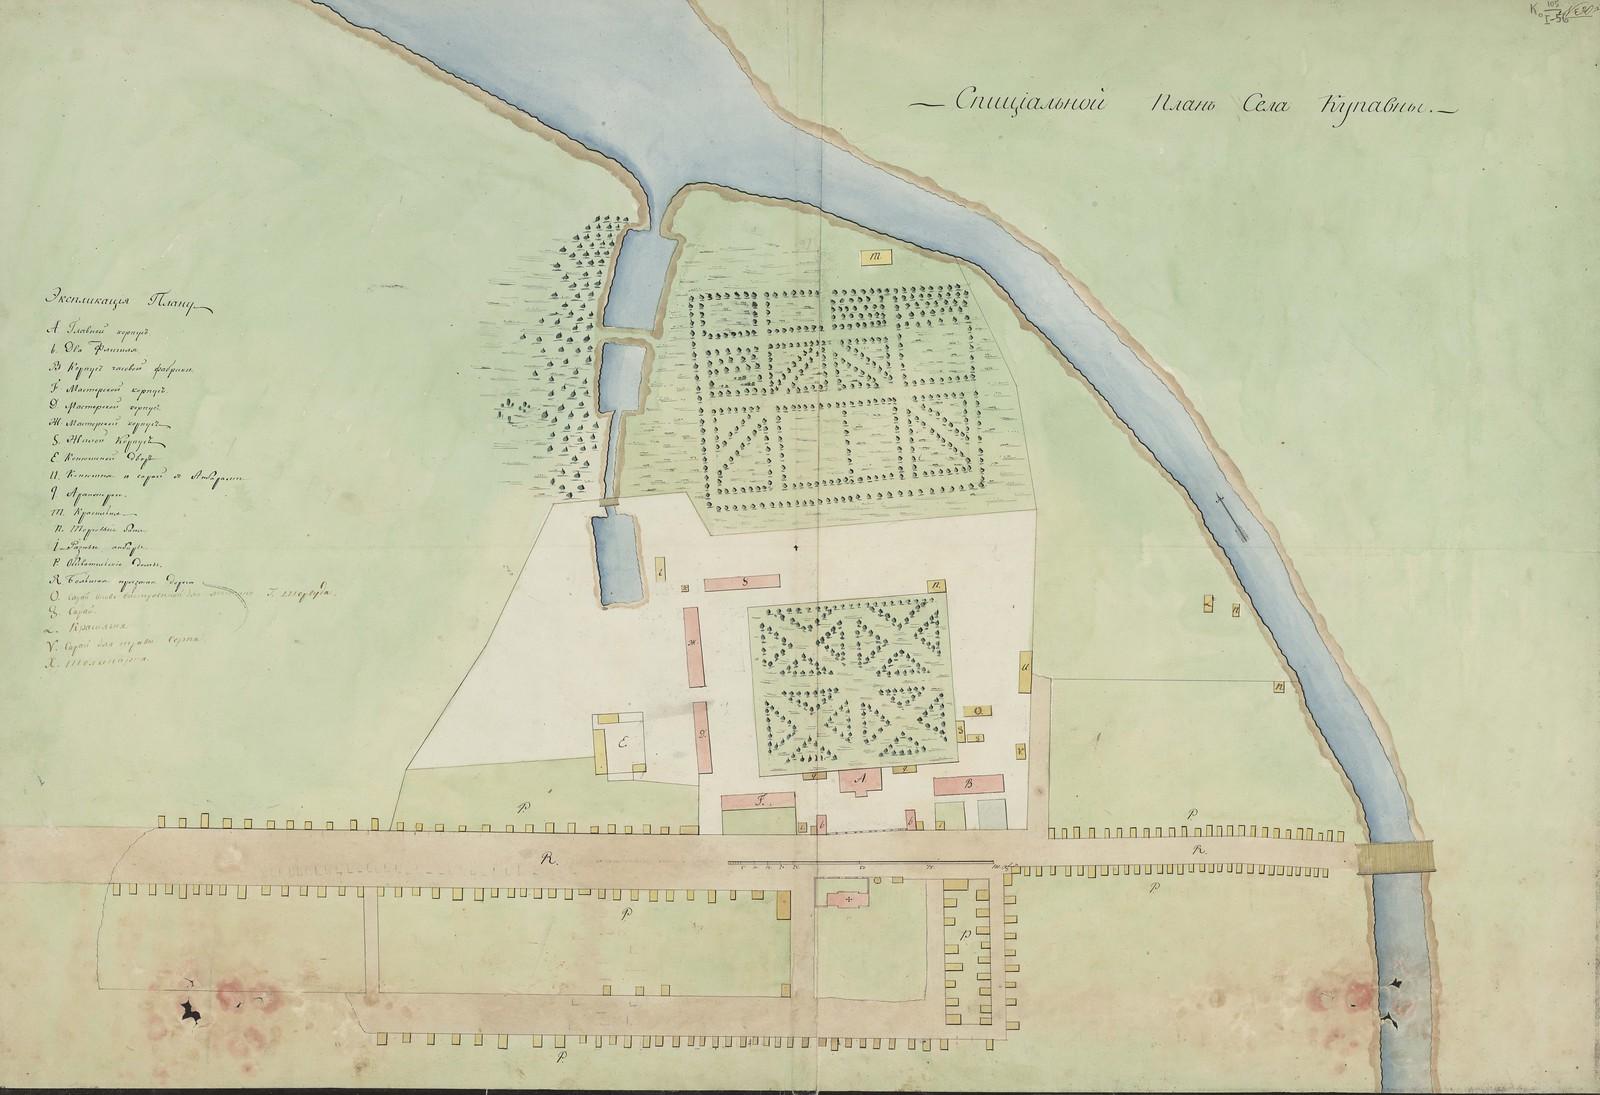 1750-е. Спициальной план села Купавны